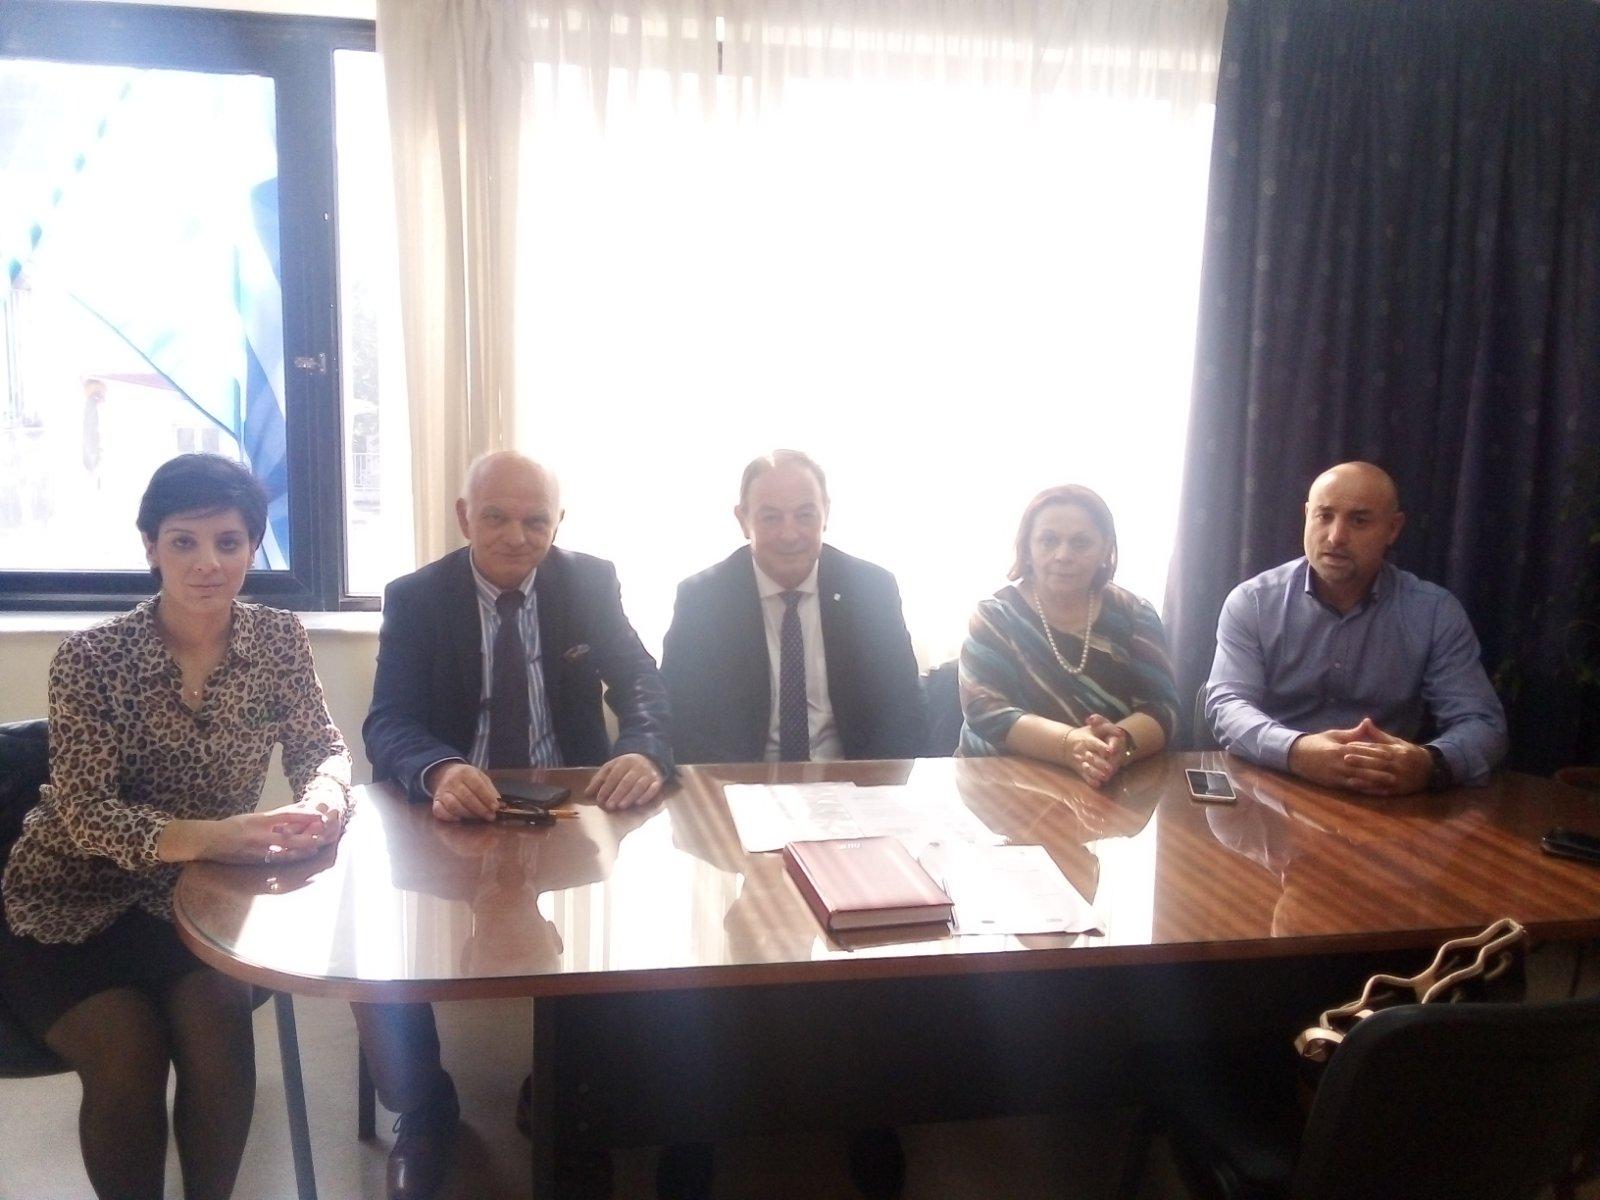 Οι μαθητές στηρίζουν το Κοινωνικό Παντοπωλείο του Δήμου Λαρισαίων